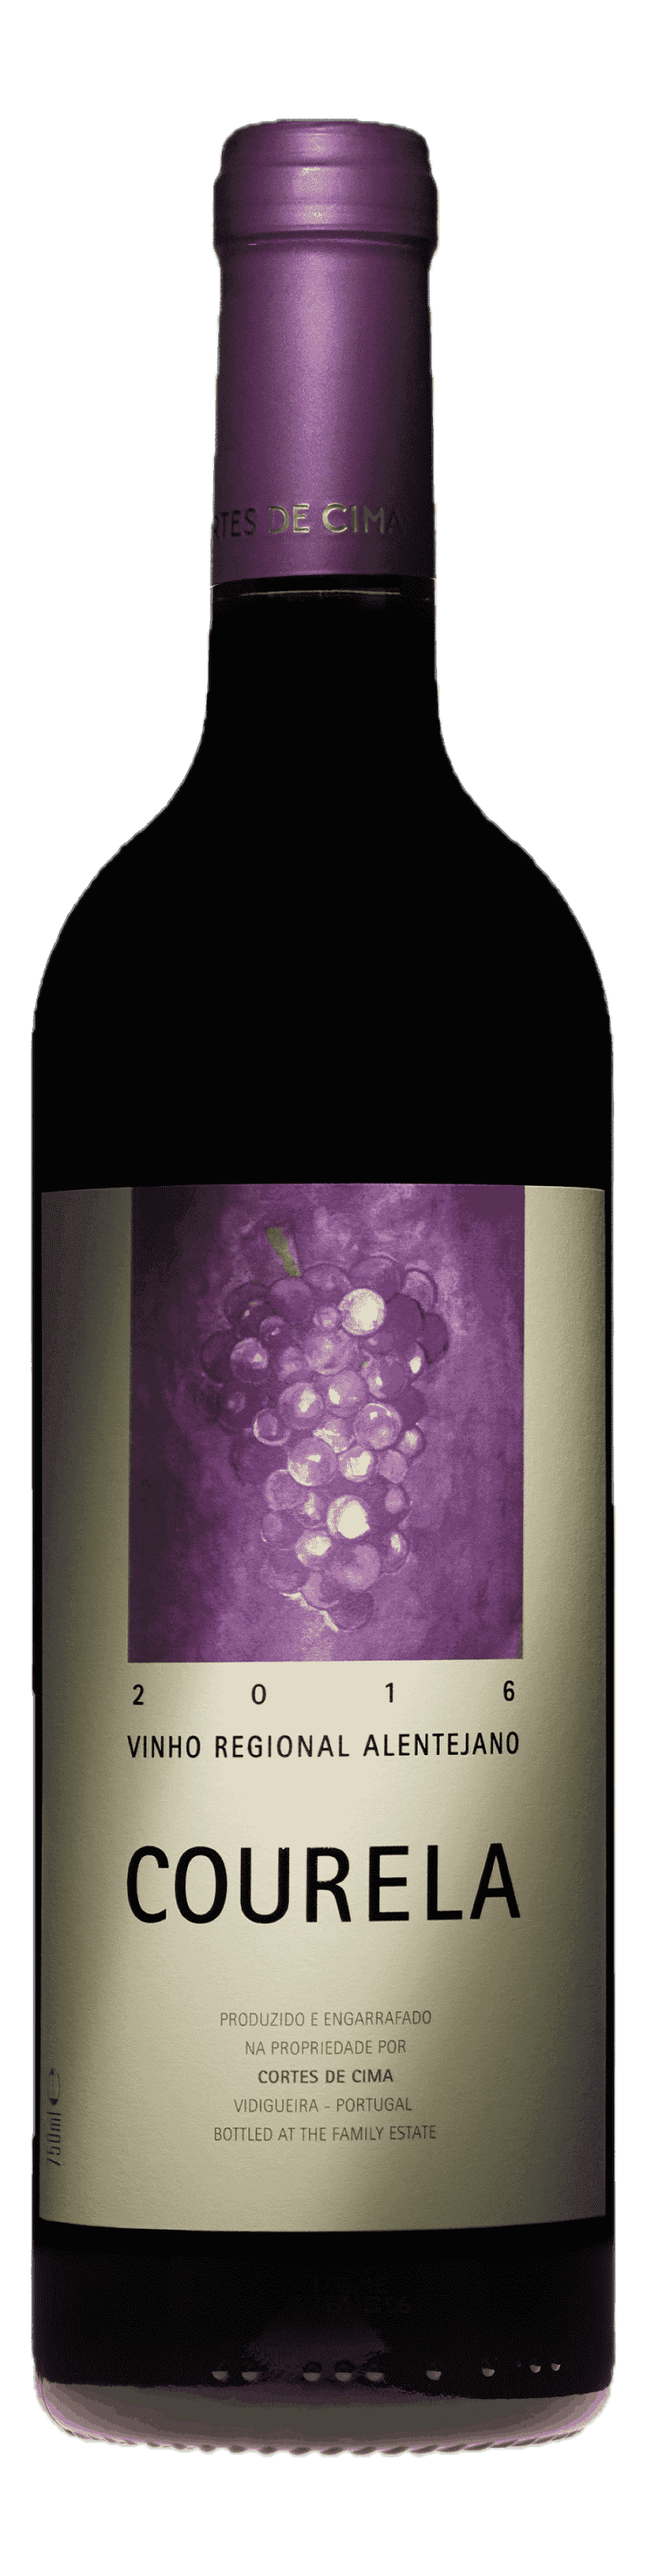 Portugalské víno Cortes de Cima Courela na eshopu vín z Portugalska